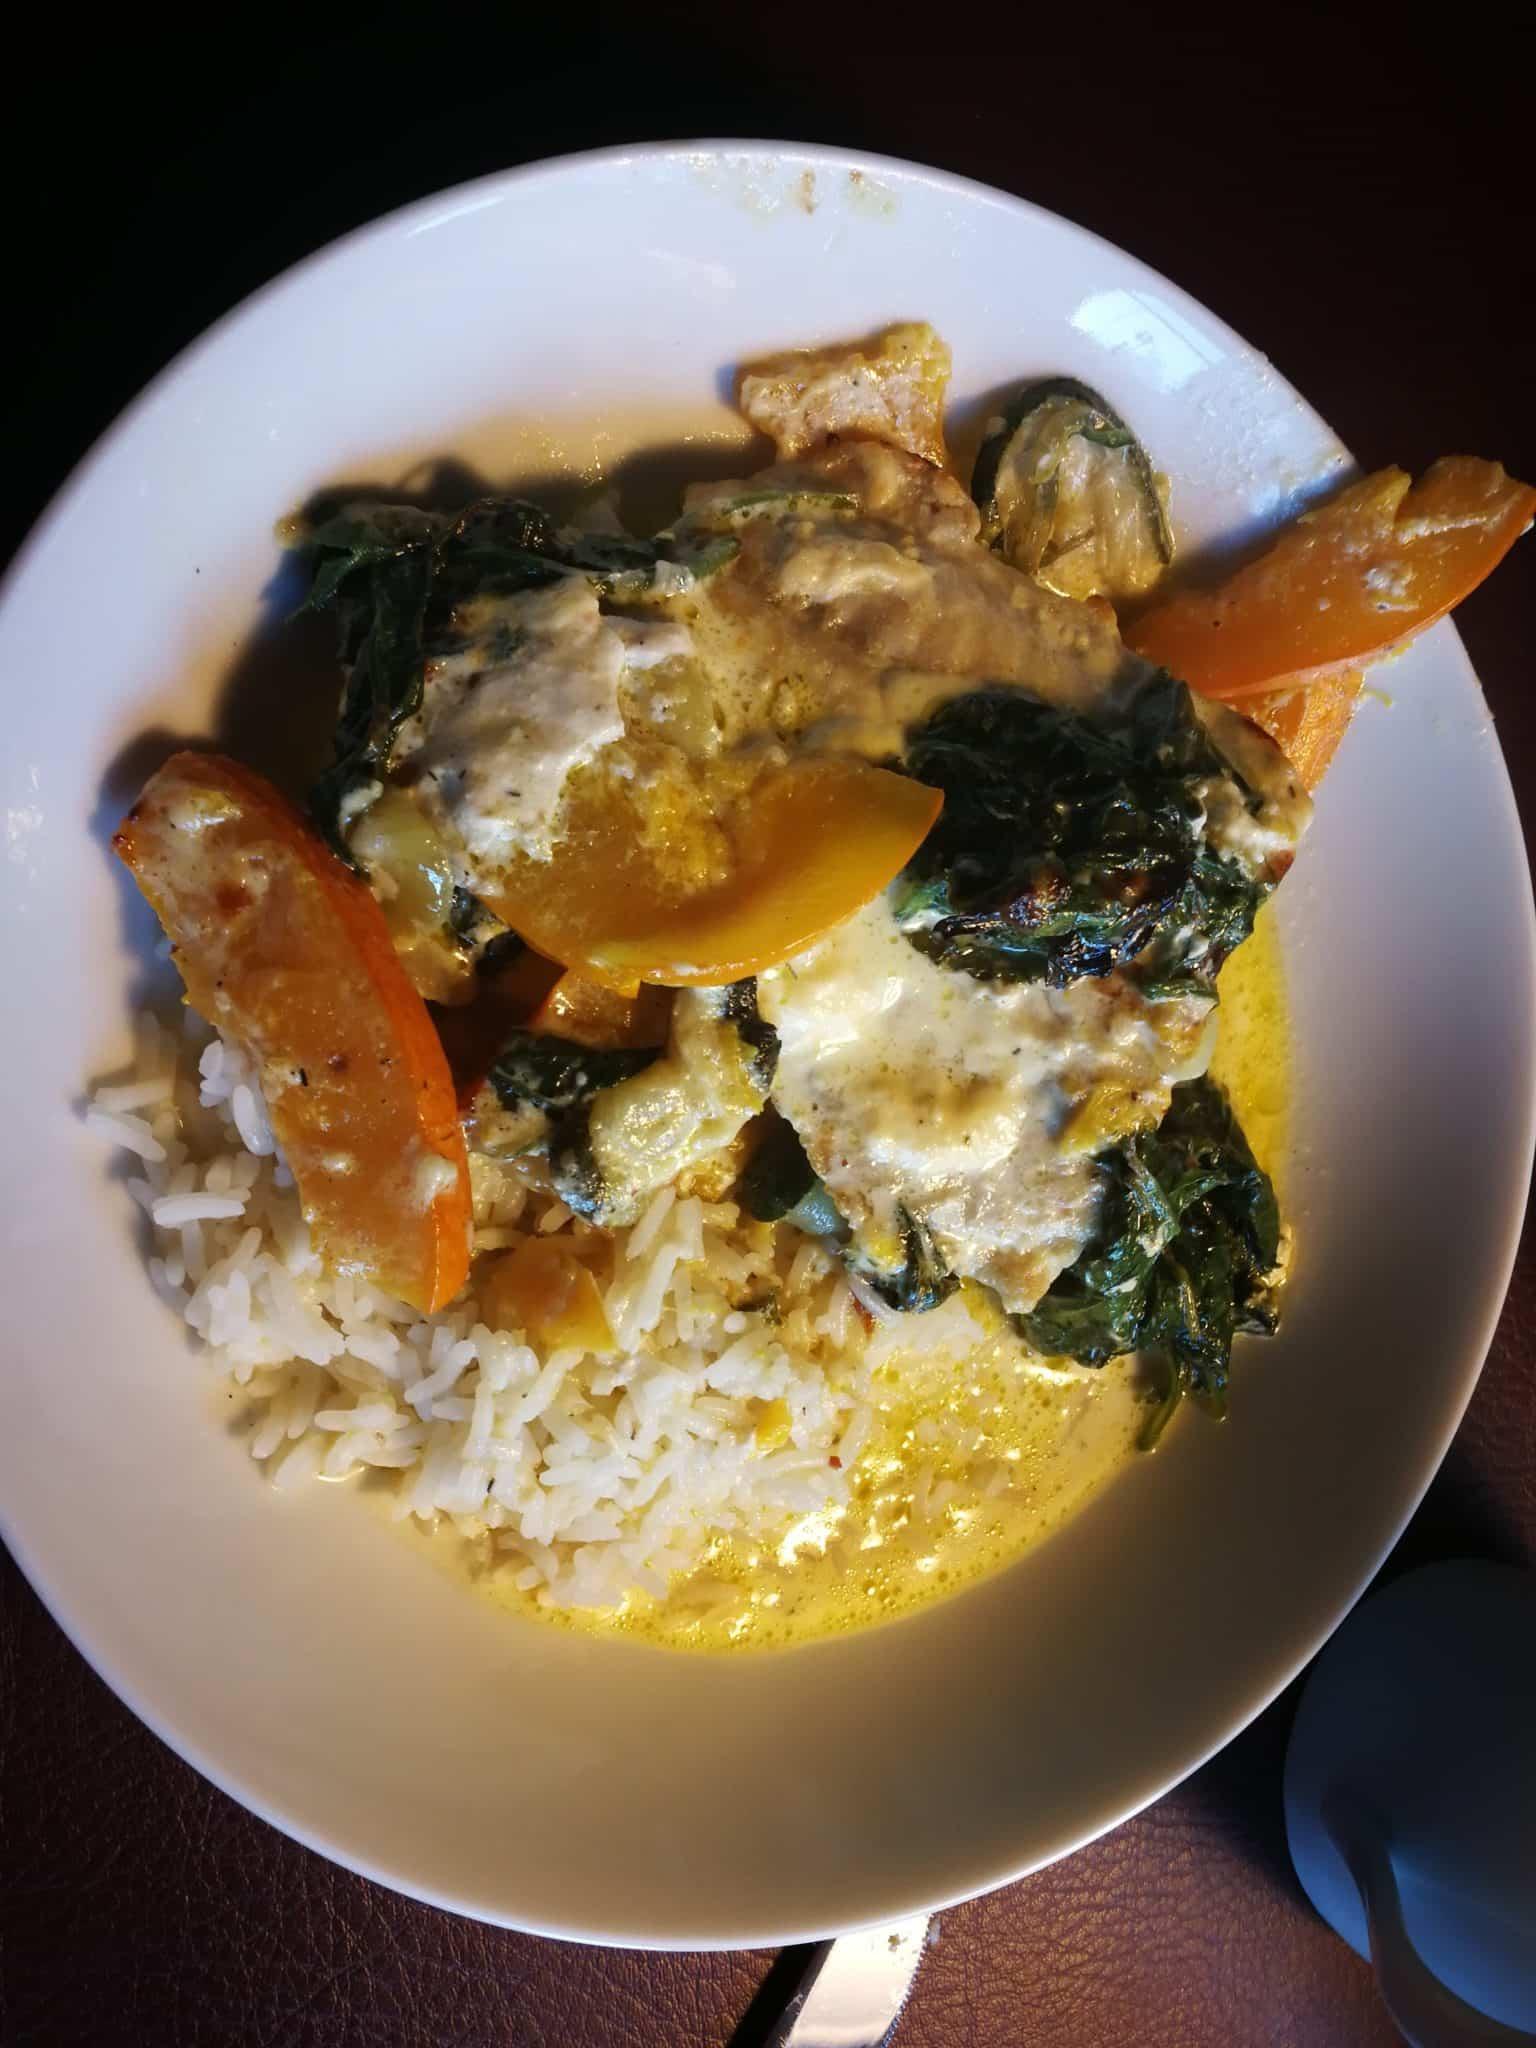 Lachs mit Kürbis, Spinat und Zucchini